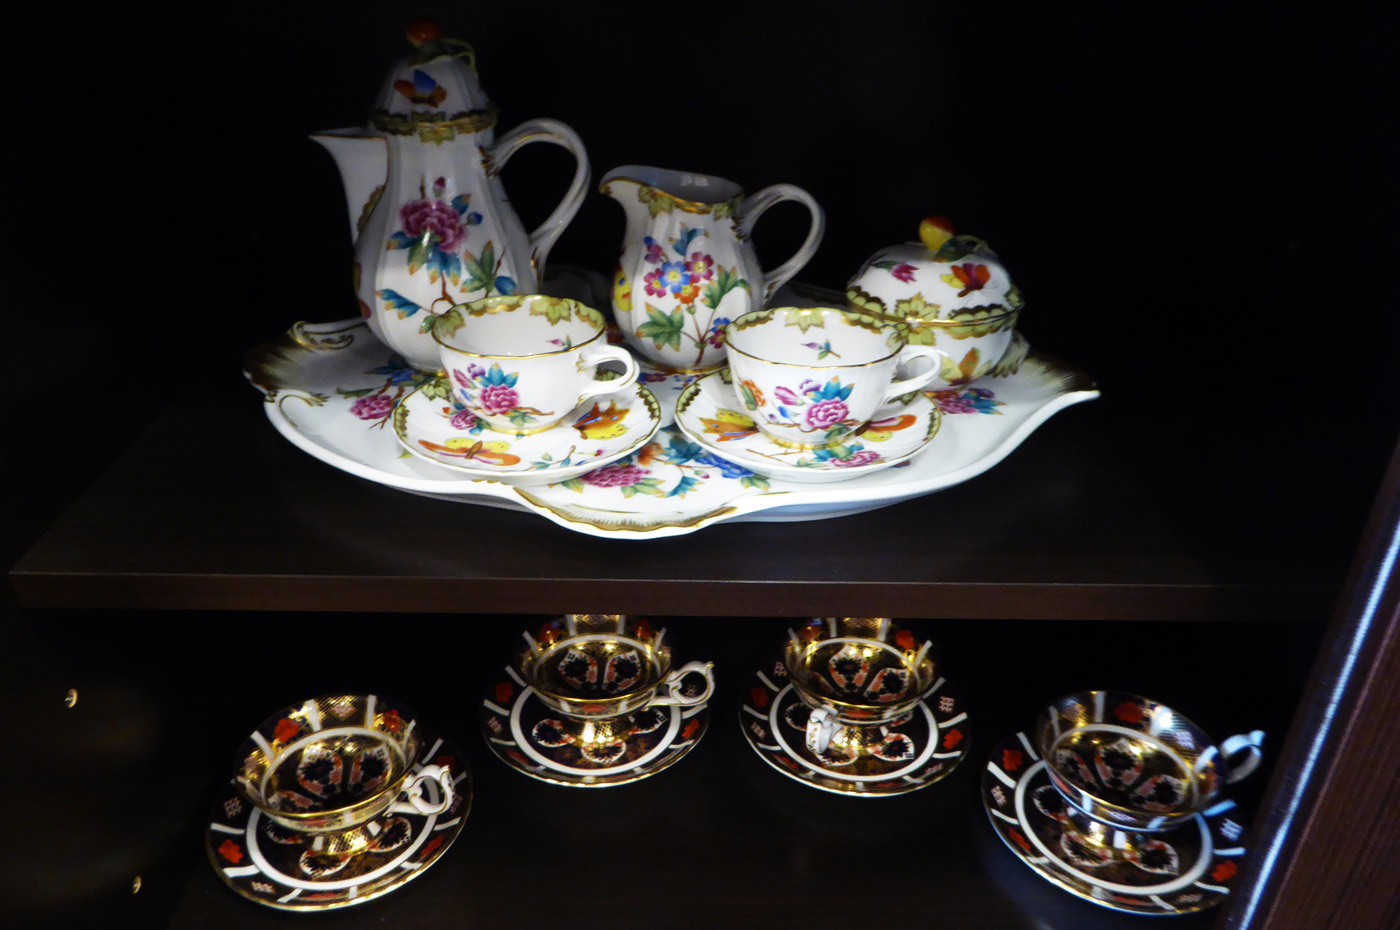 ロジェ ルージュのロイヤル・コペンハーゲンのコーヒーカップ